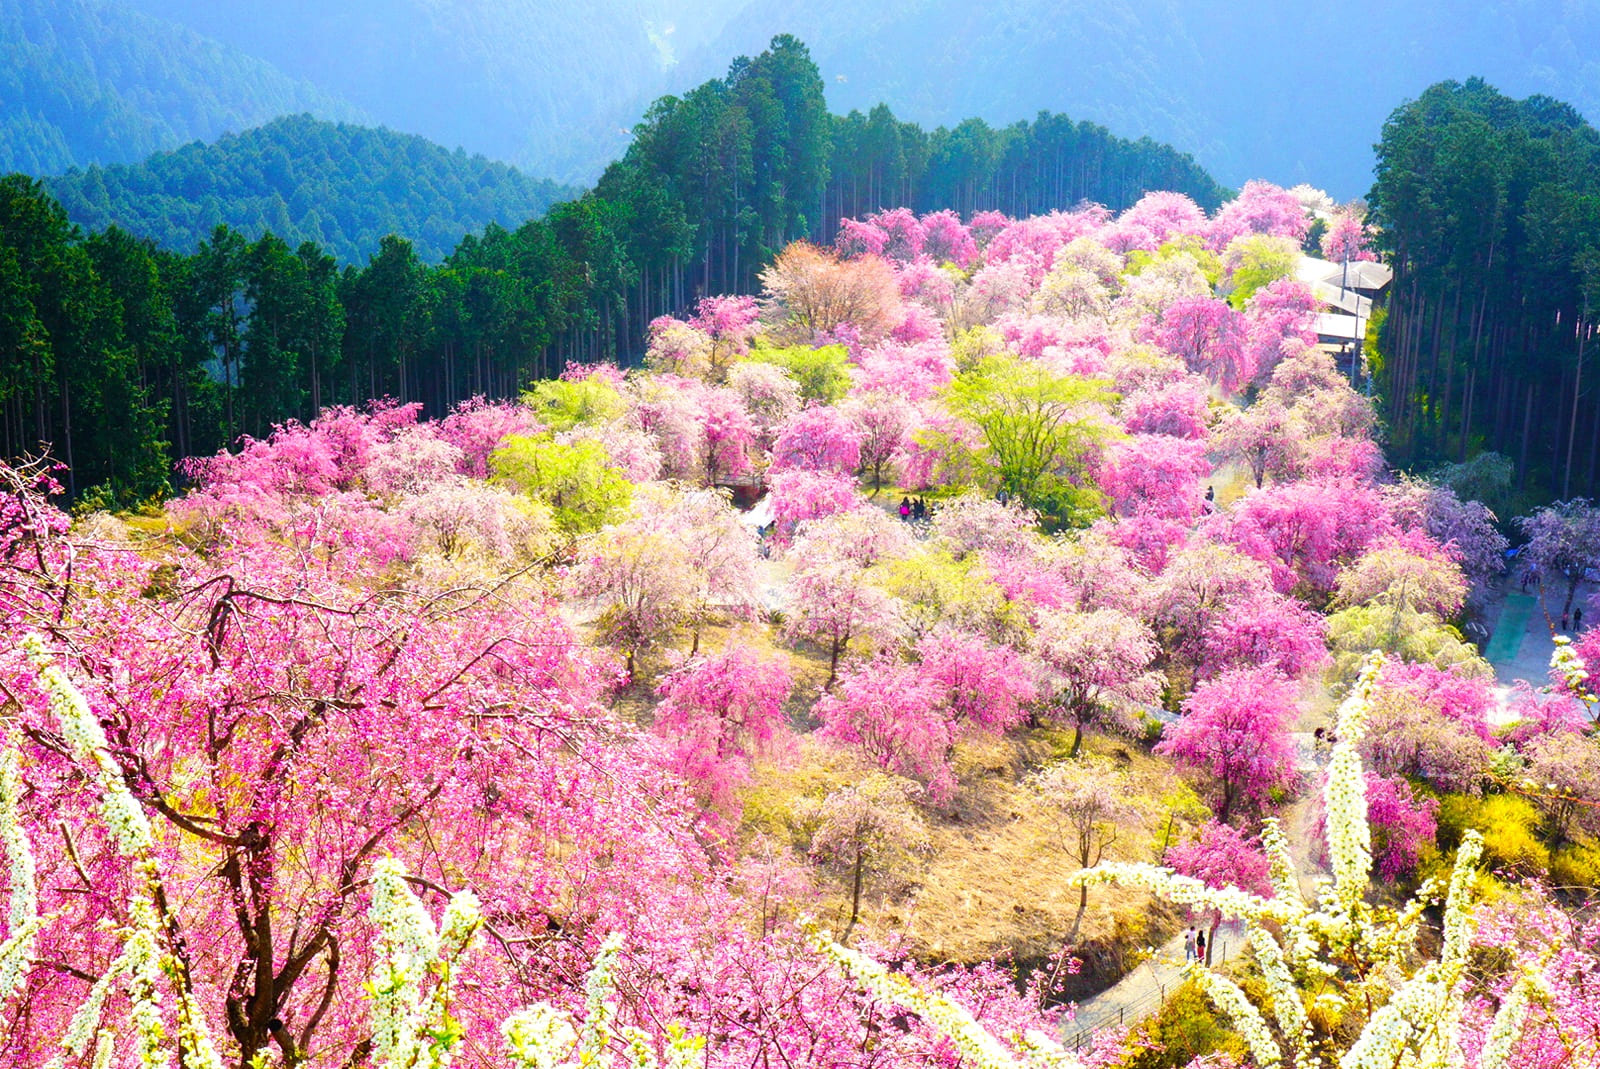 関西桜撮影スポット 奈良県吉野郡 吉野山の滝桜